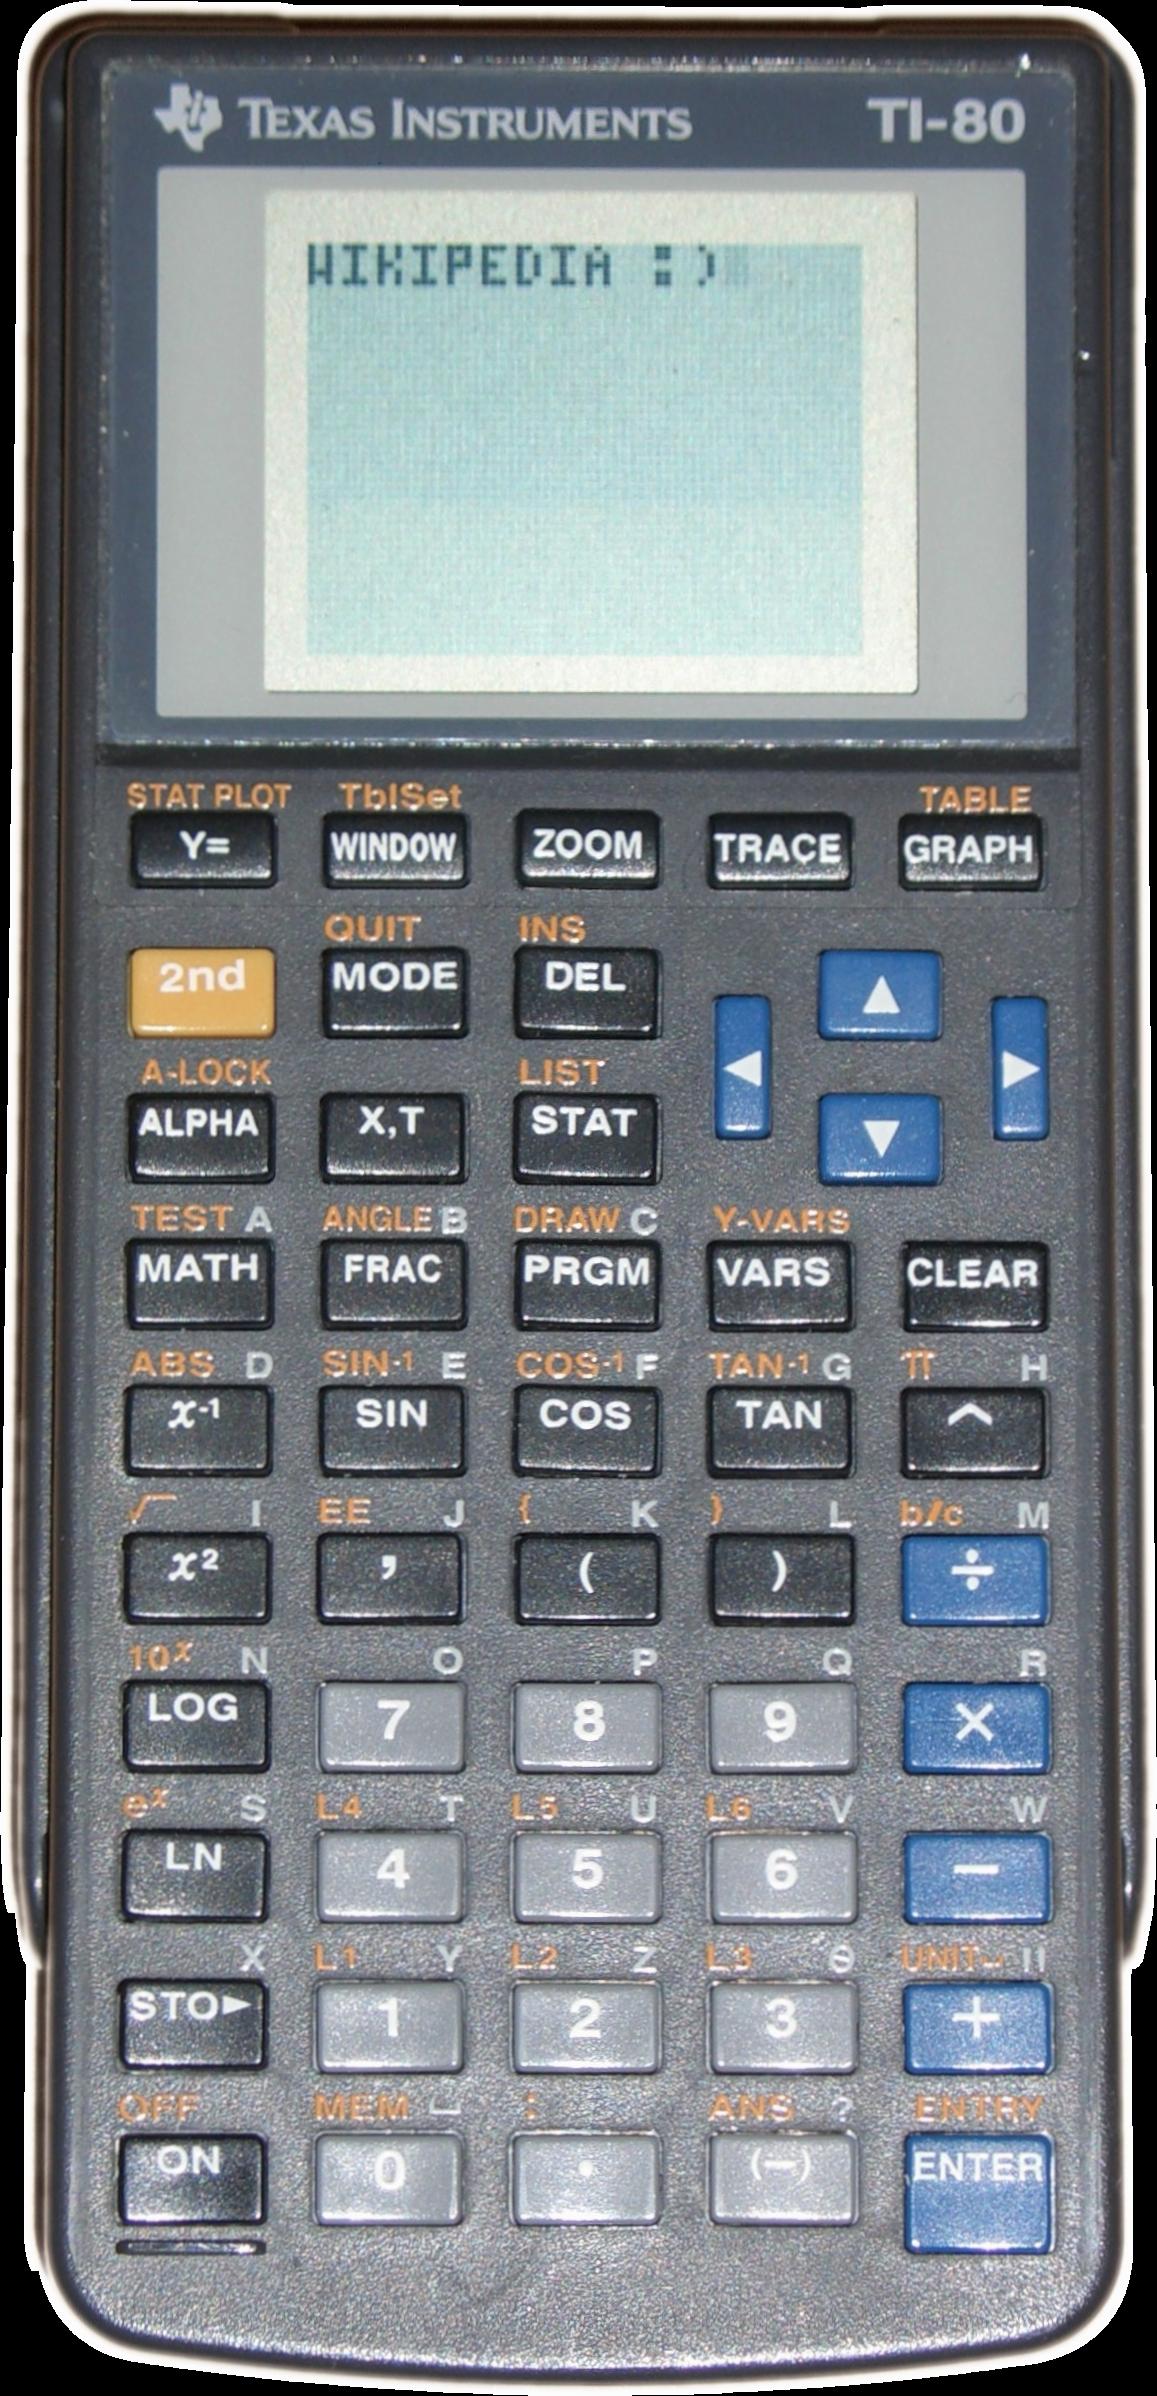 TI-80 - Wikipedia